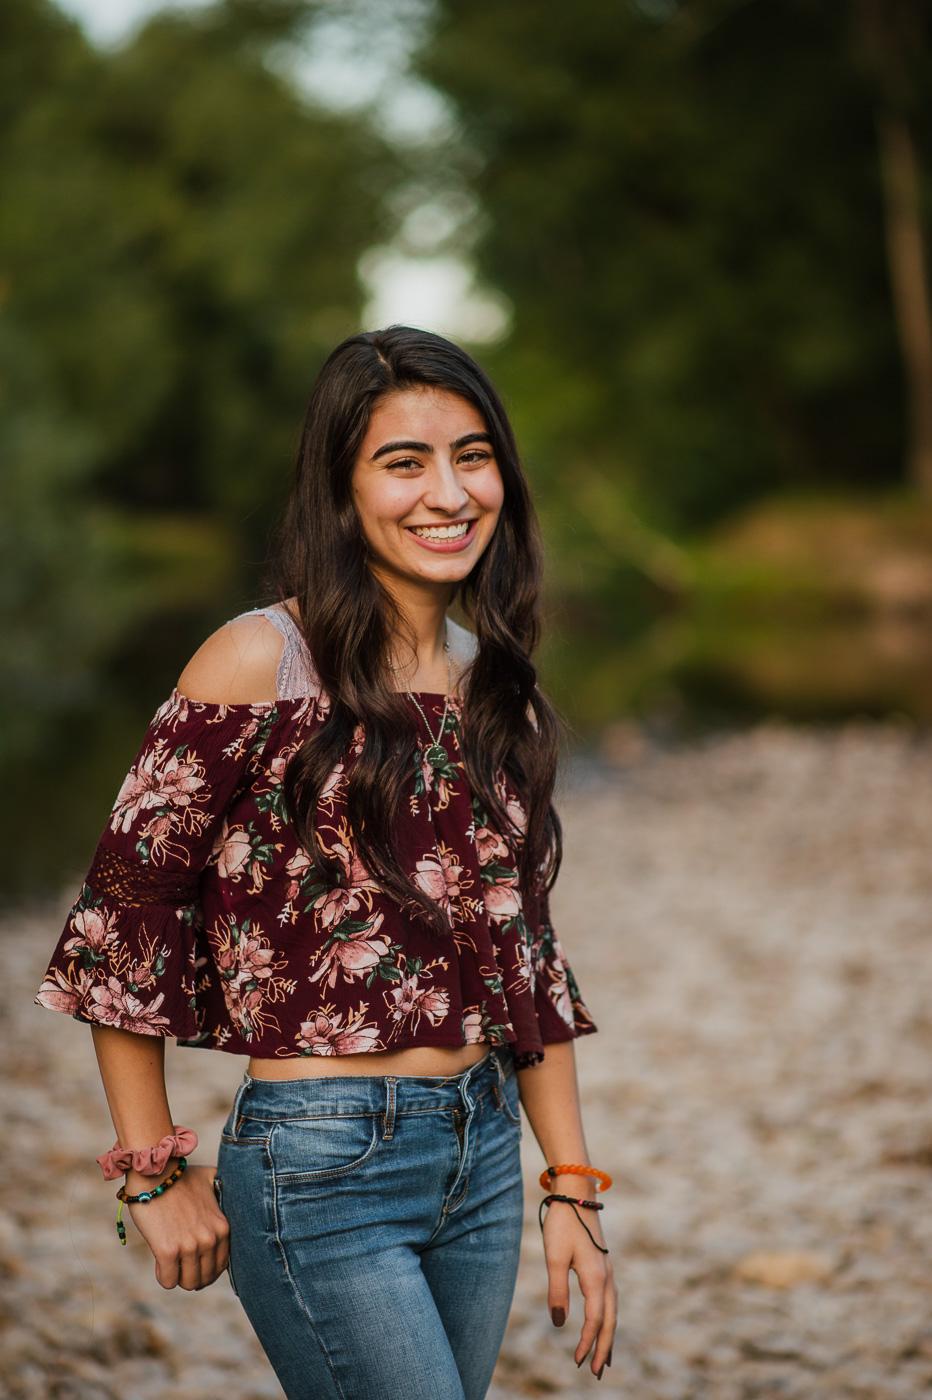 PHOCO Photography Fort Collins Colorado Elizabeth Senior 2019-1.jpg